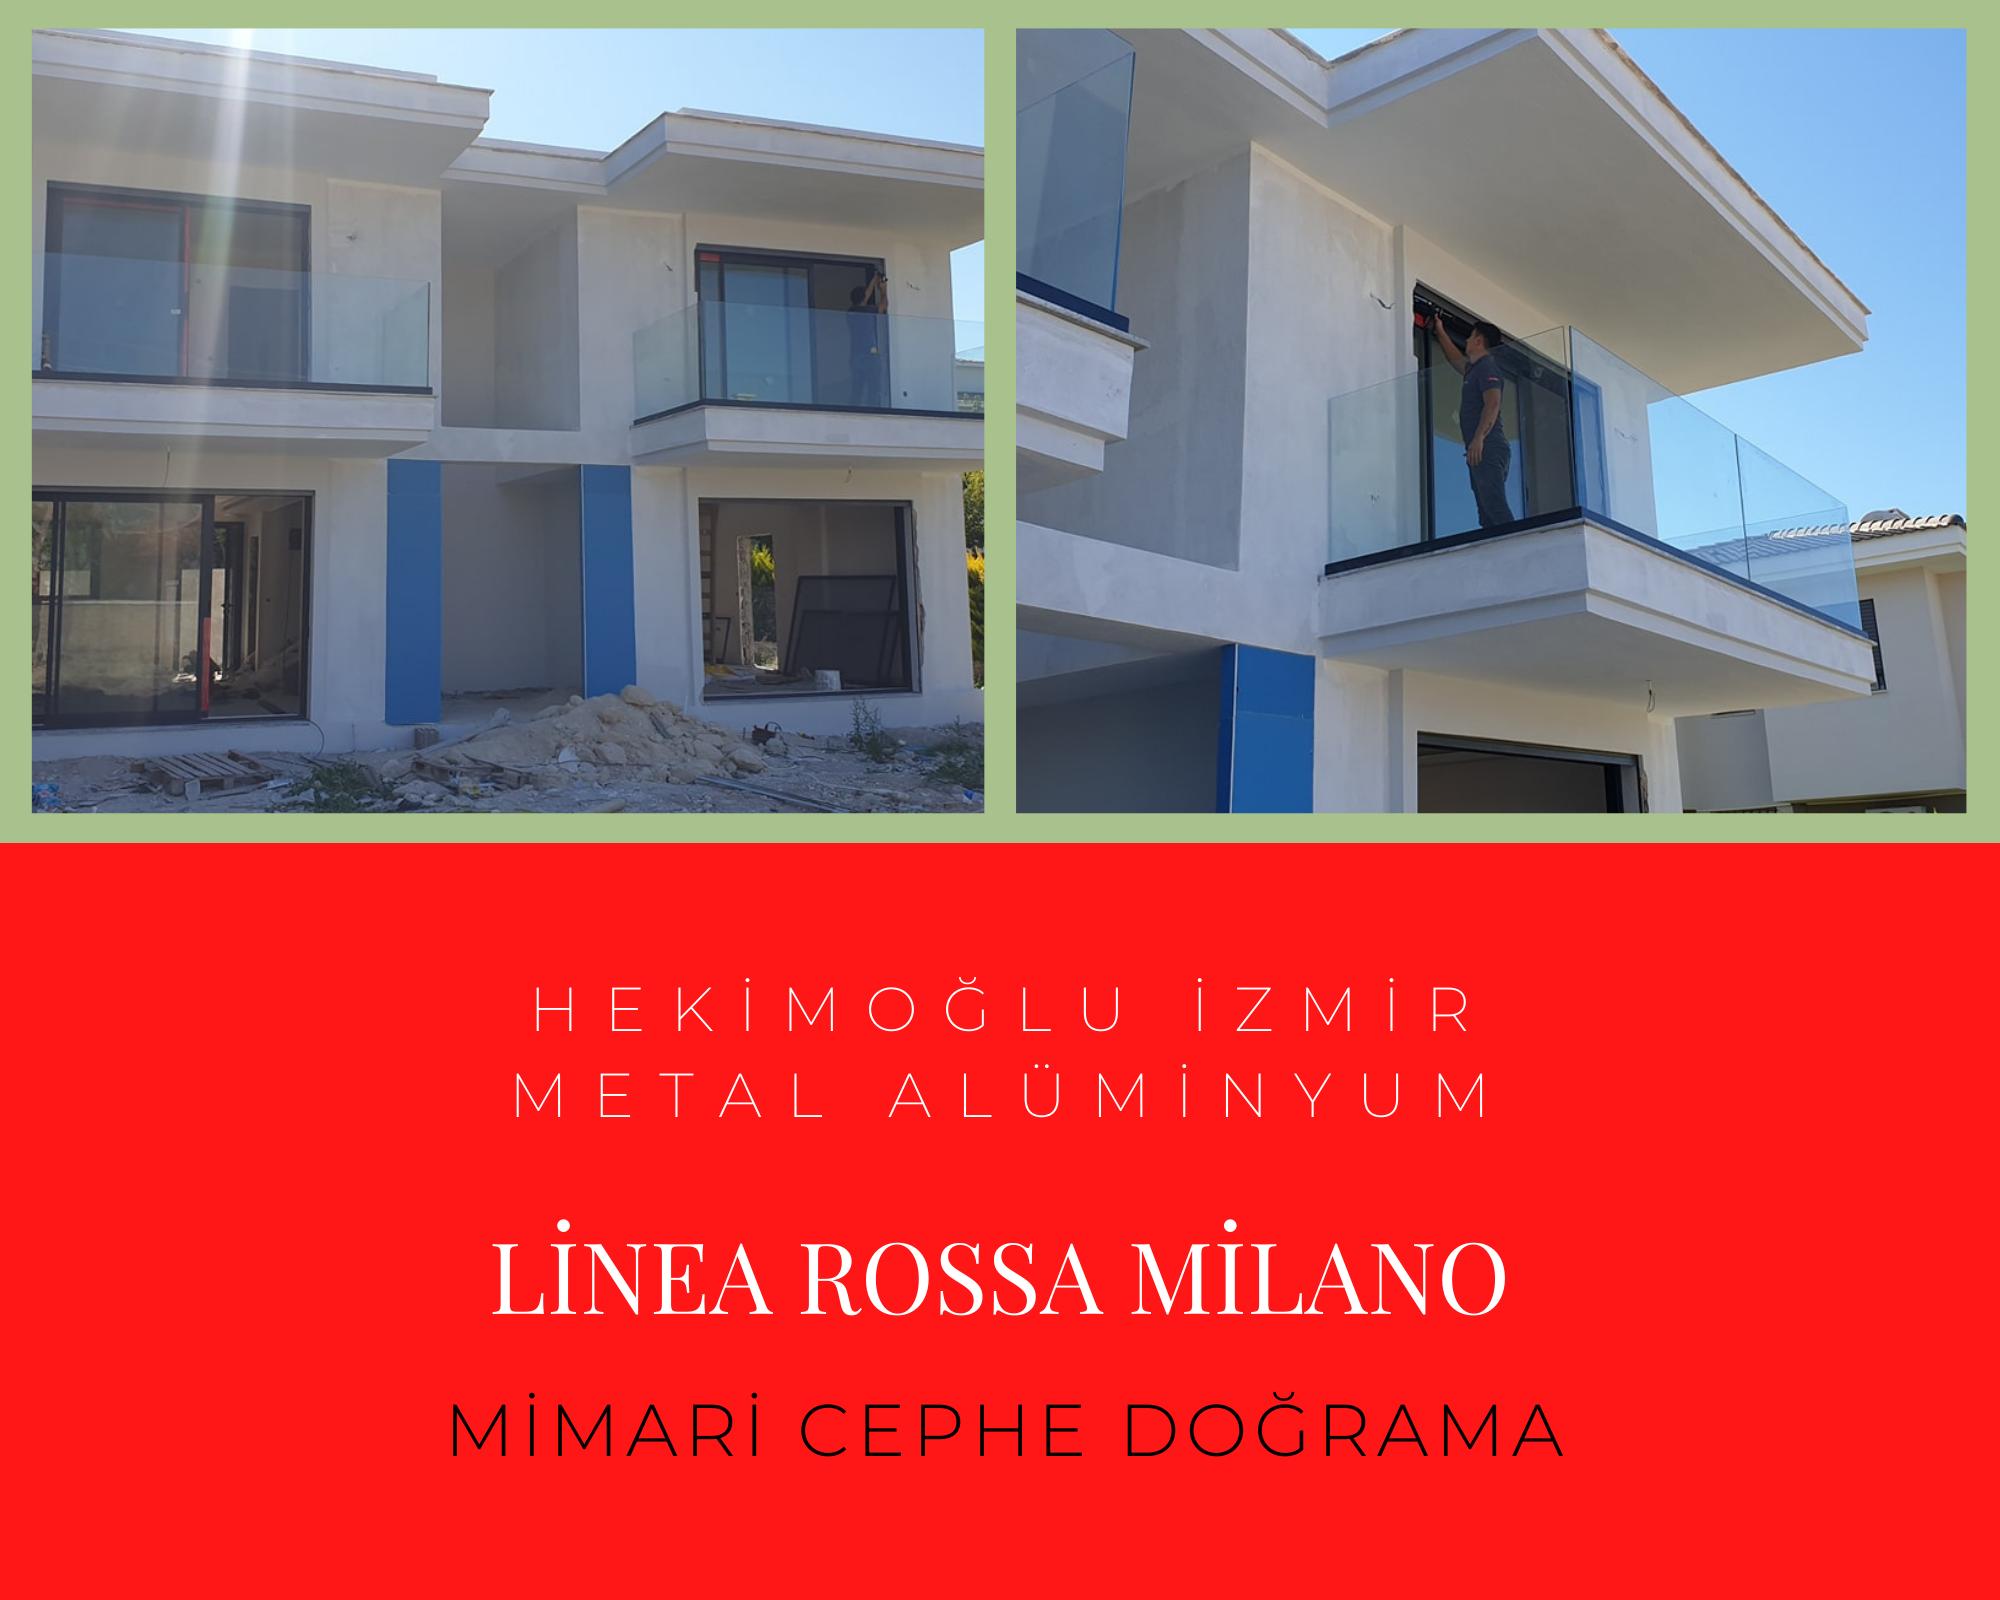 Linea Rossa mimari tasarım ürünleri